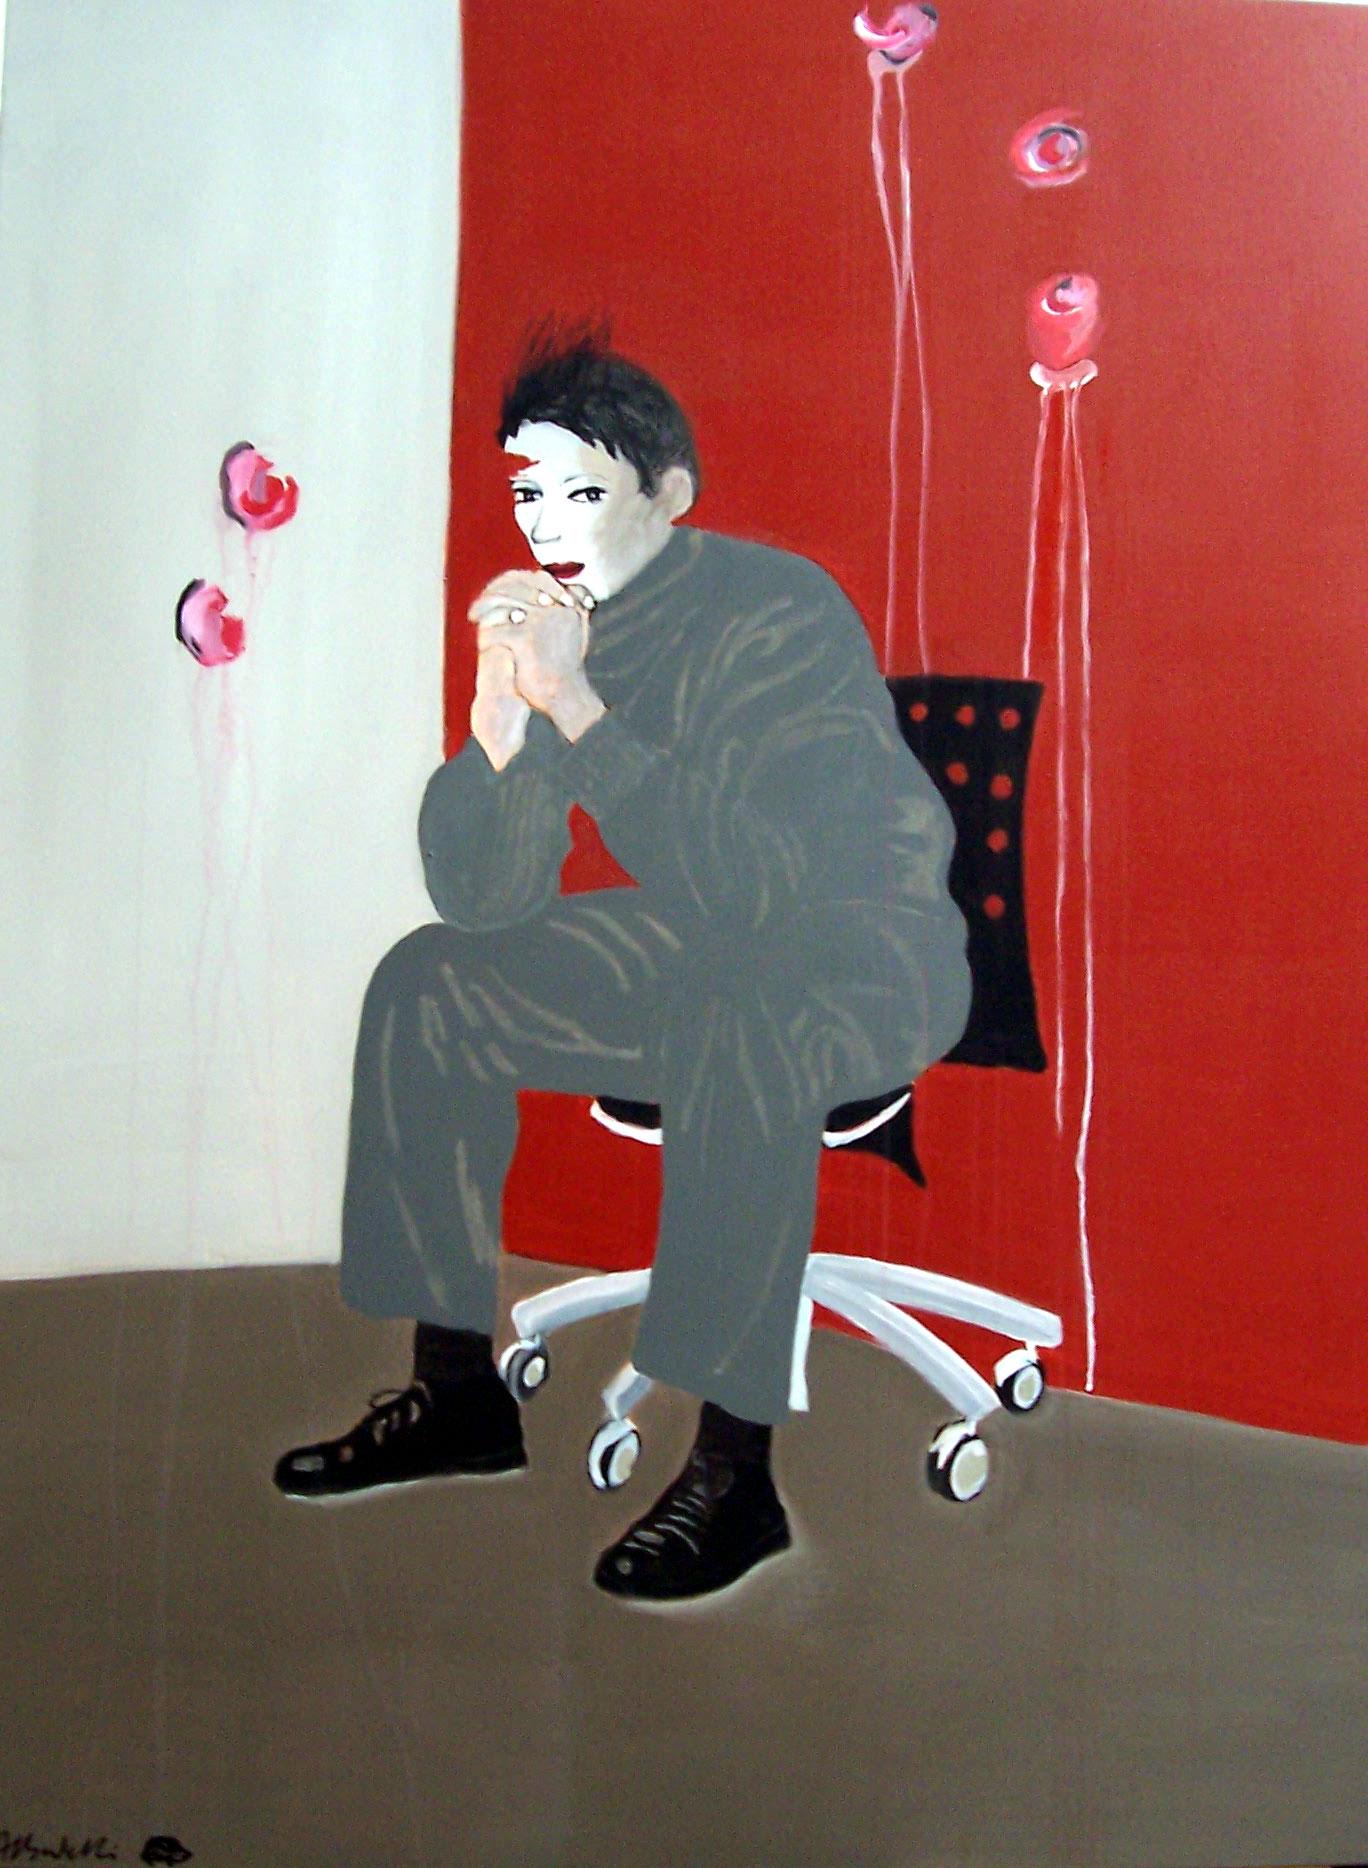 L'attente, peinture sur toile (130 x 97 cm)